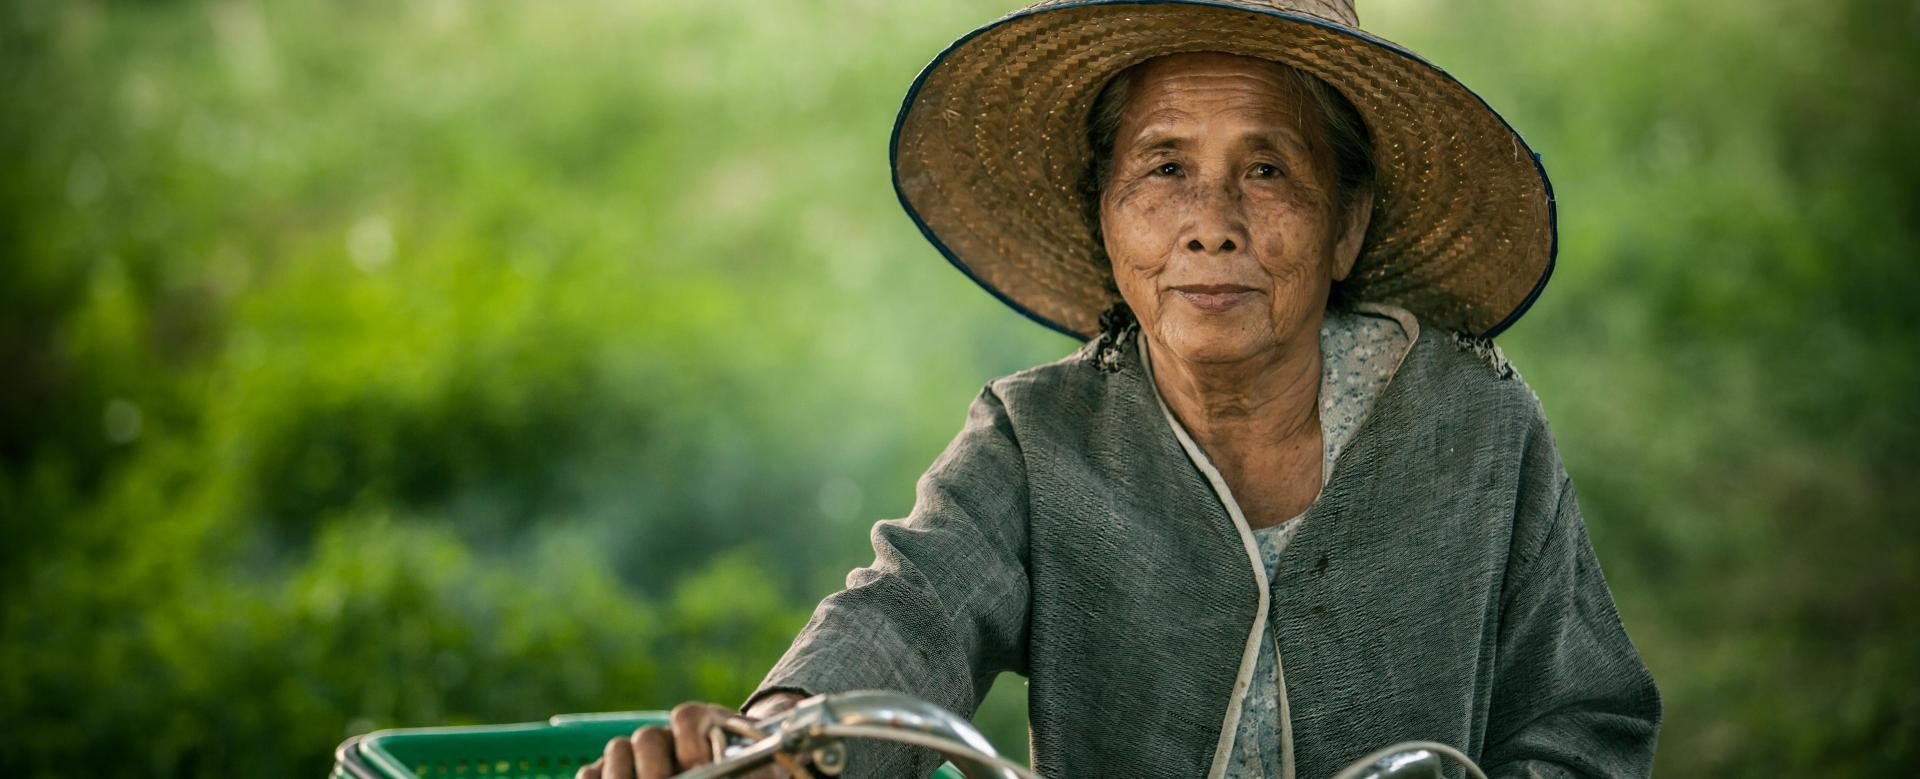 Voyage en véhicule : La thaïlande à vélo en liberté